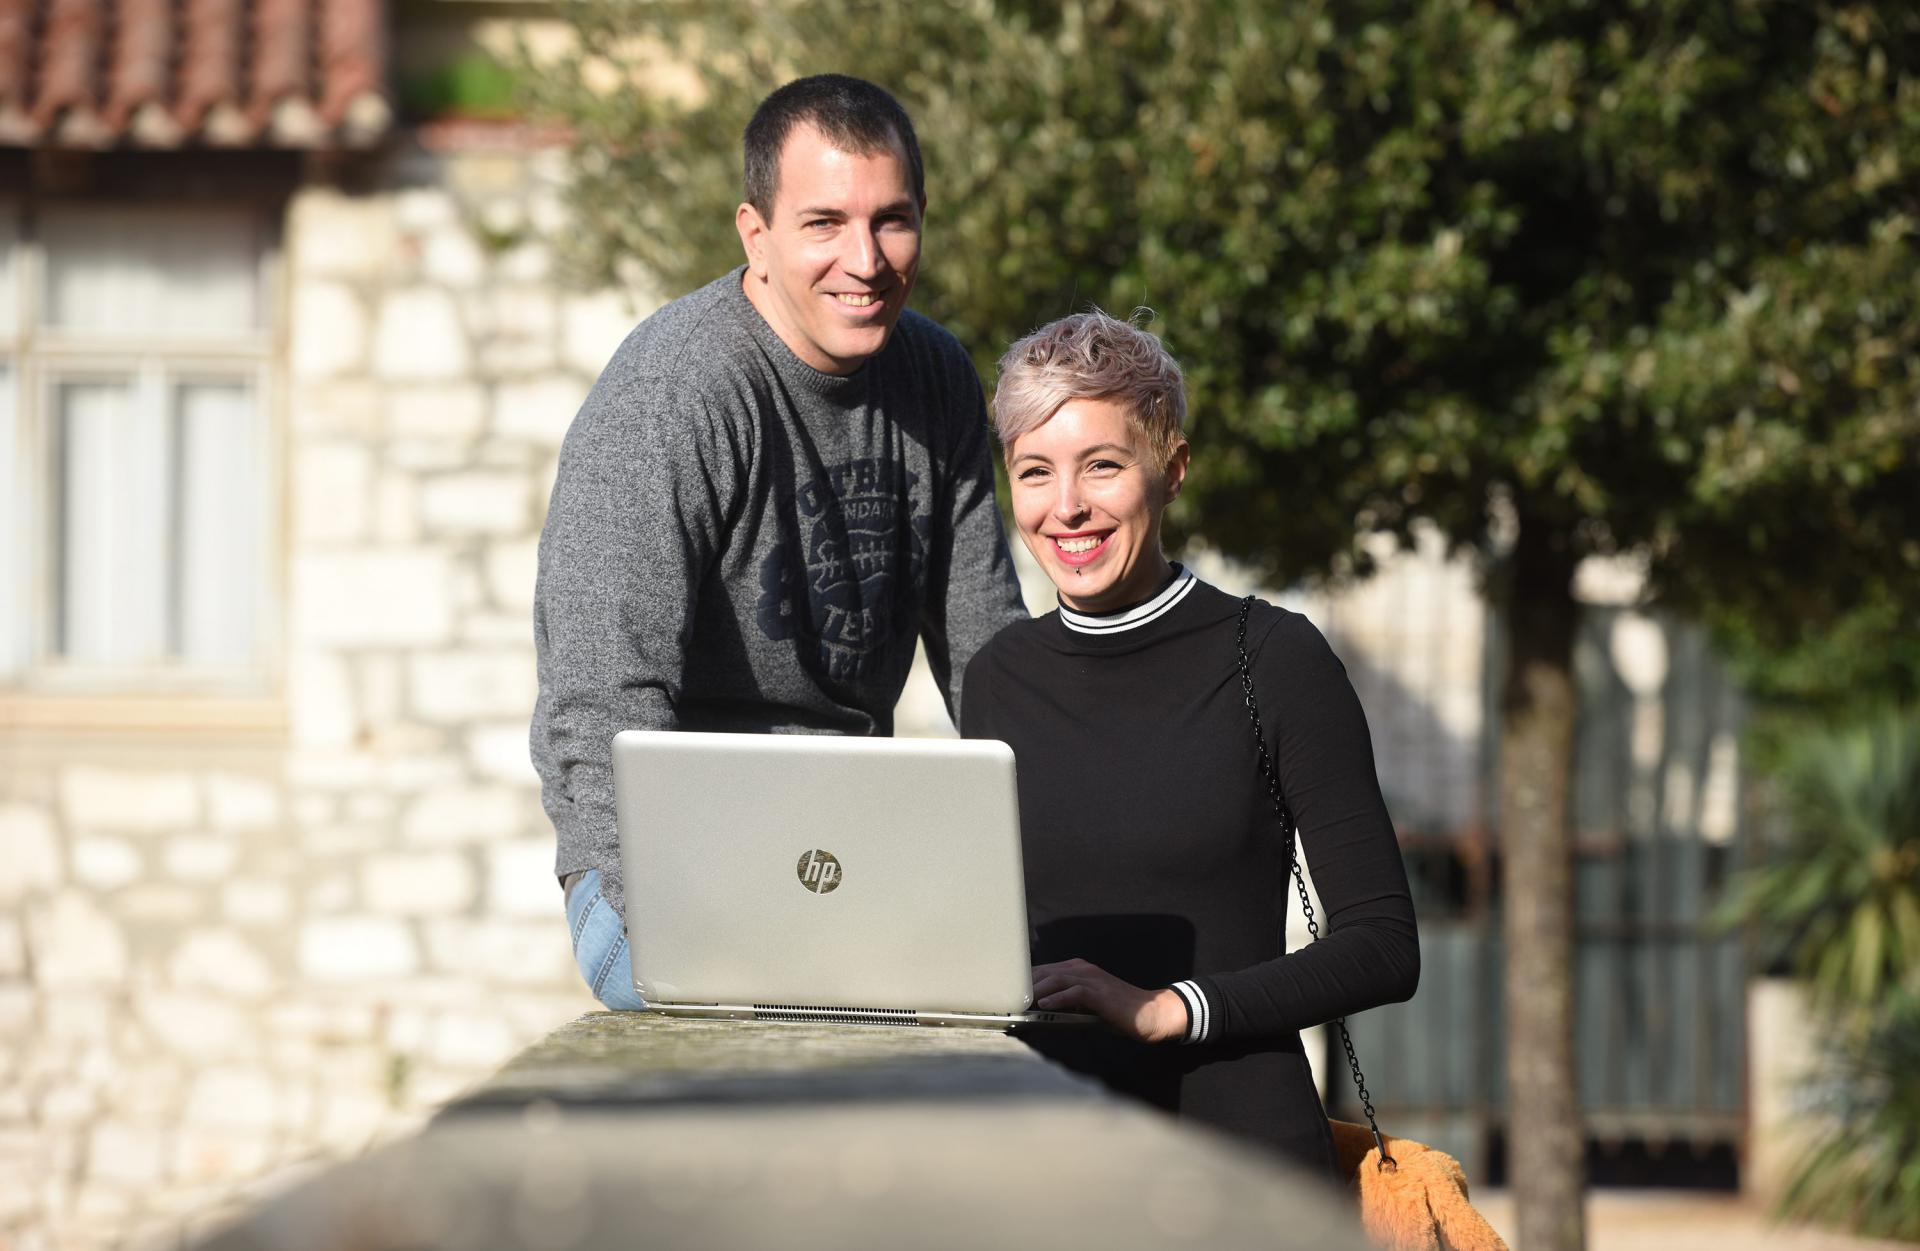 Kristina Alić i Simeon Bugarija zadarski su digitalni nomadi